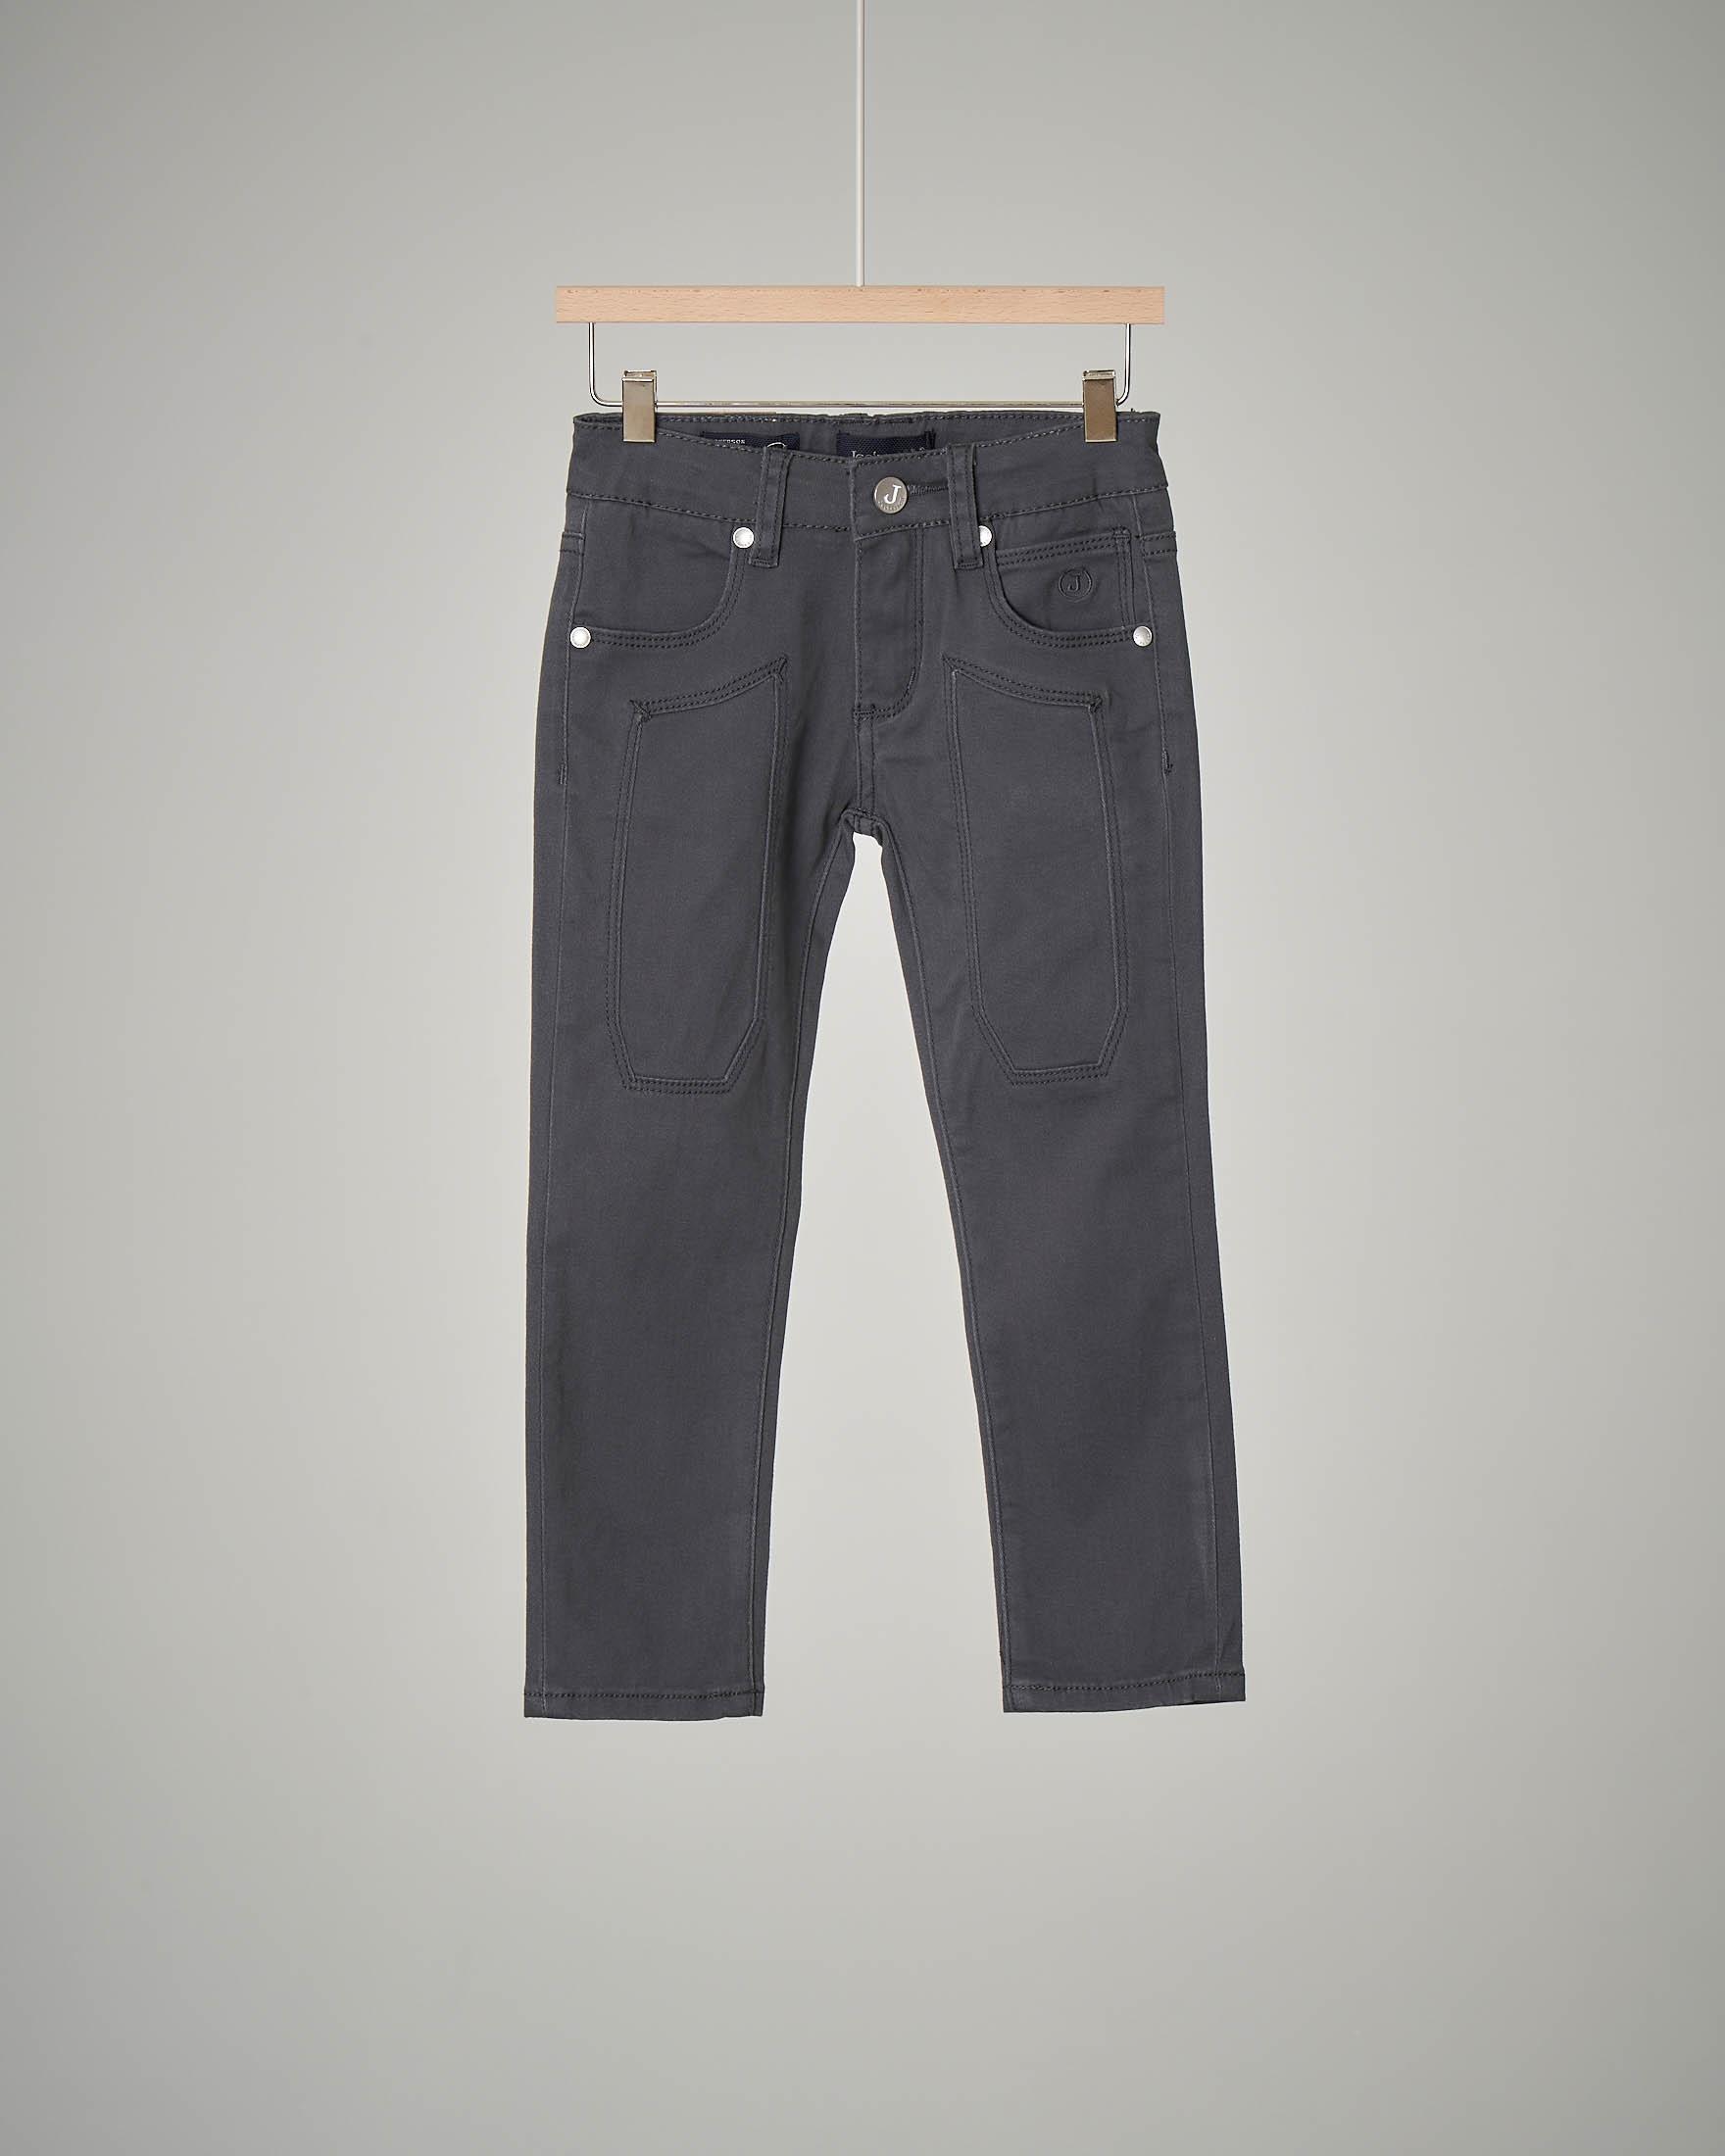 Pantalone cinque tasche grigio con toppa